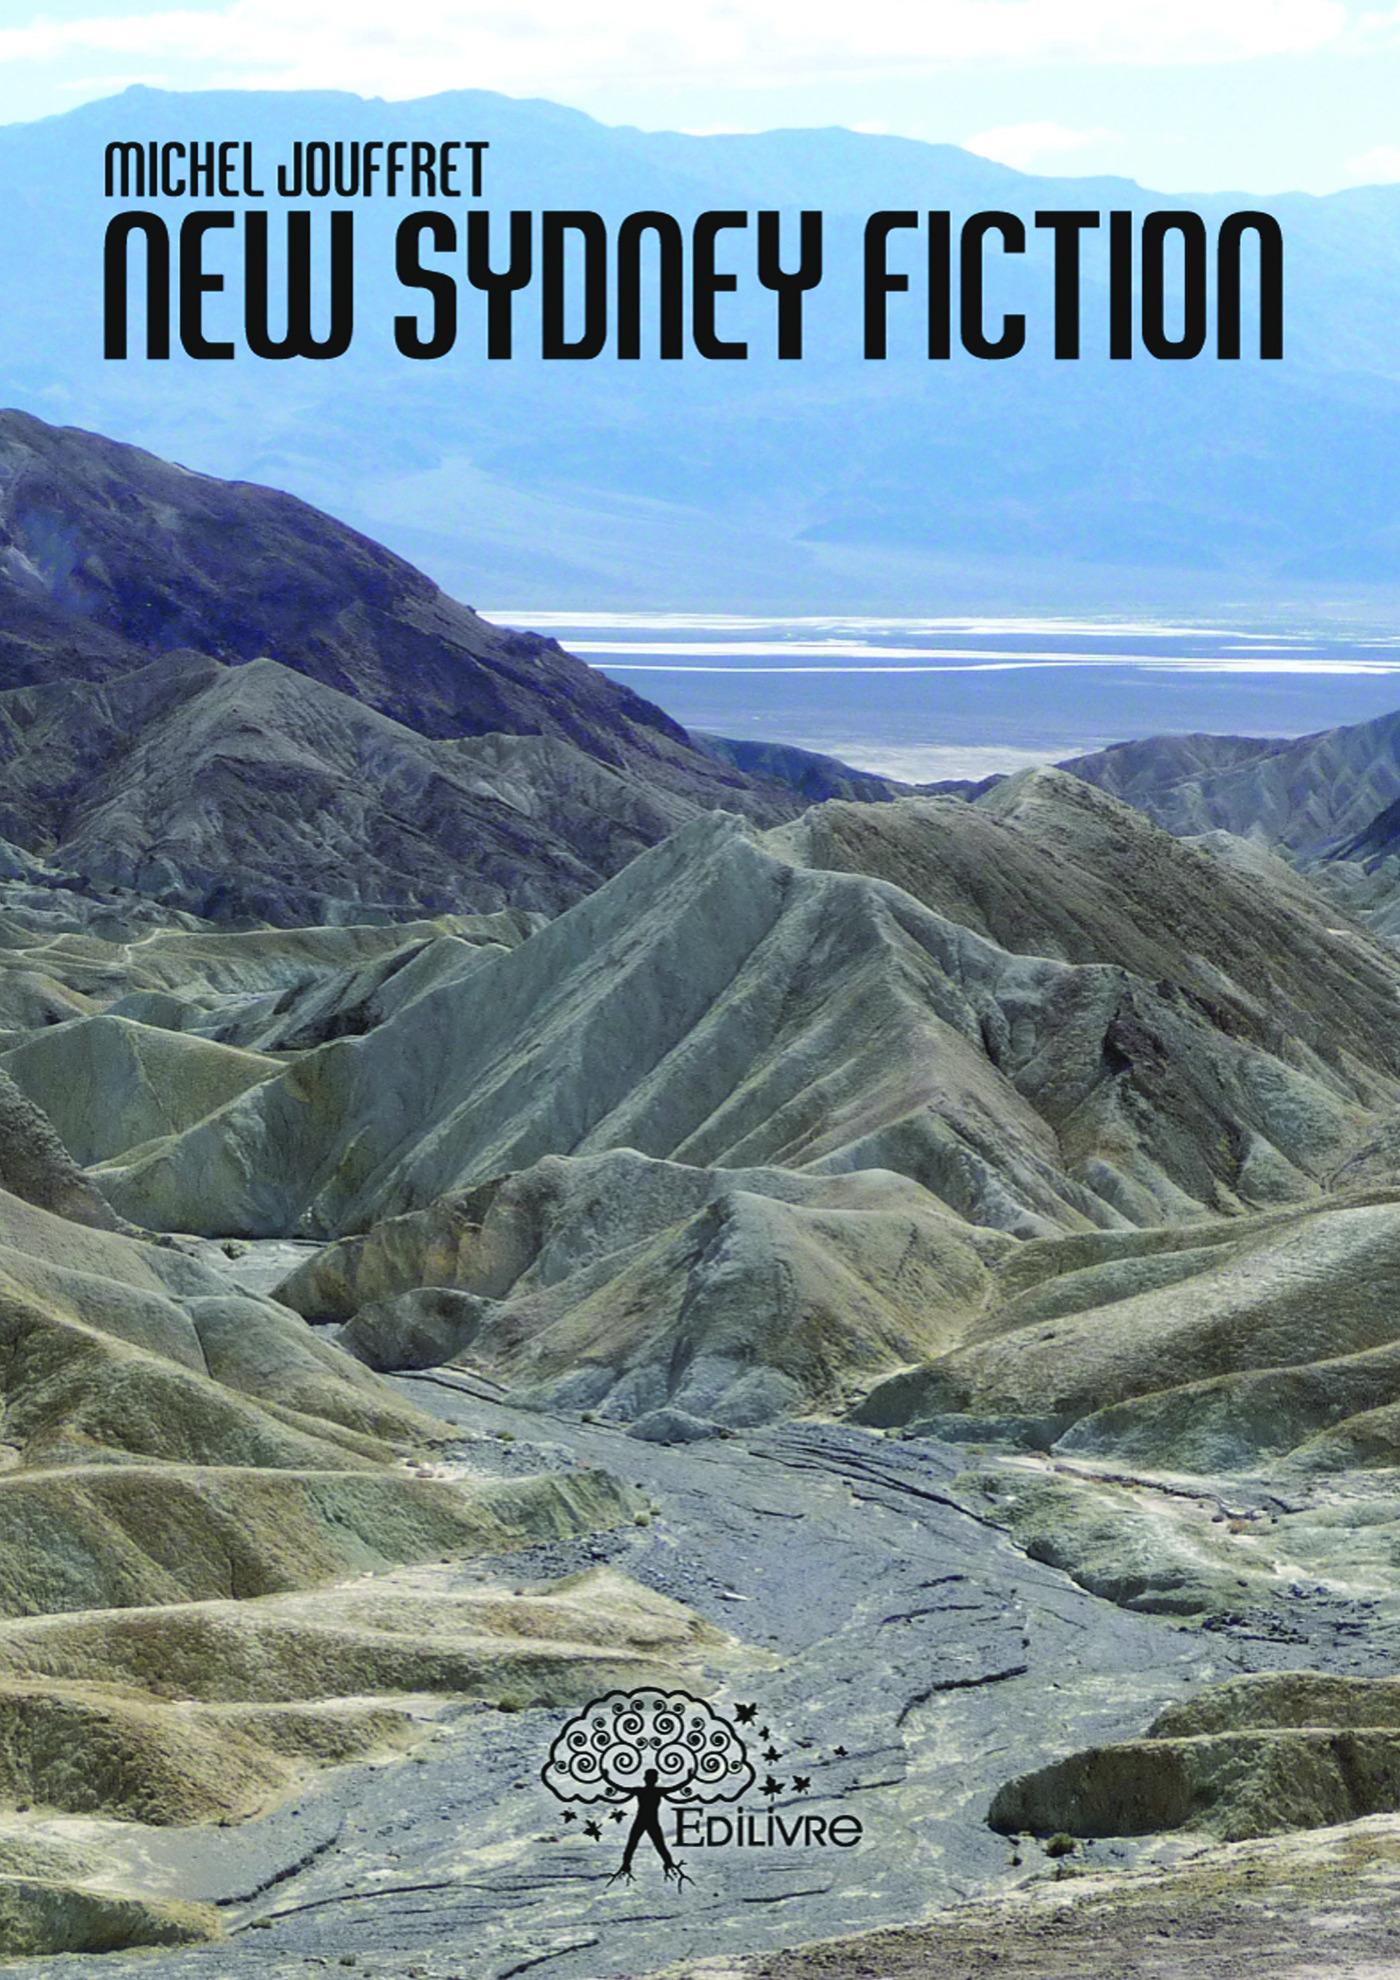 New Sydney Fiction  - Michel Jouffret